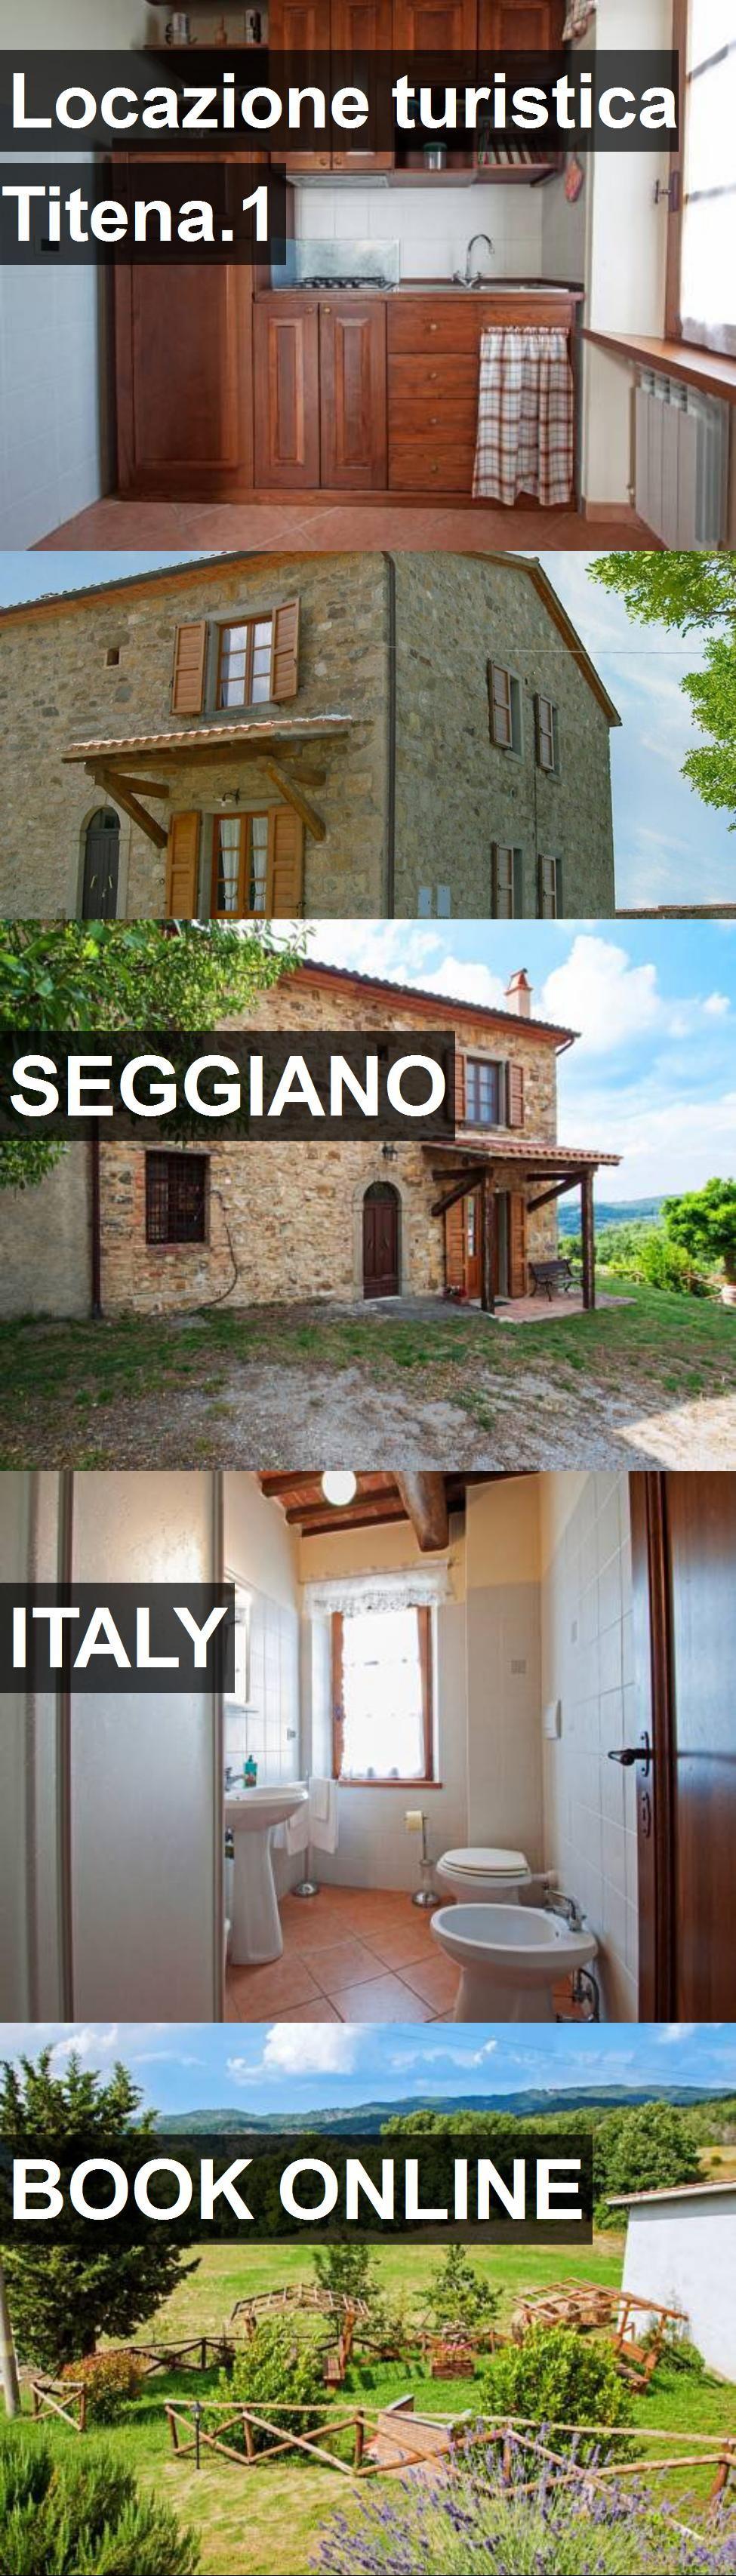 Hotel Locazione turistica Titena.1 in Seggiano, Italy. For